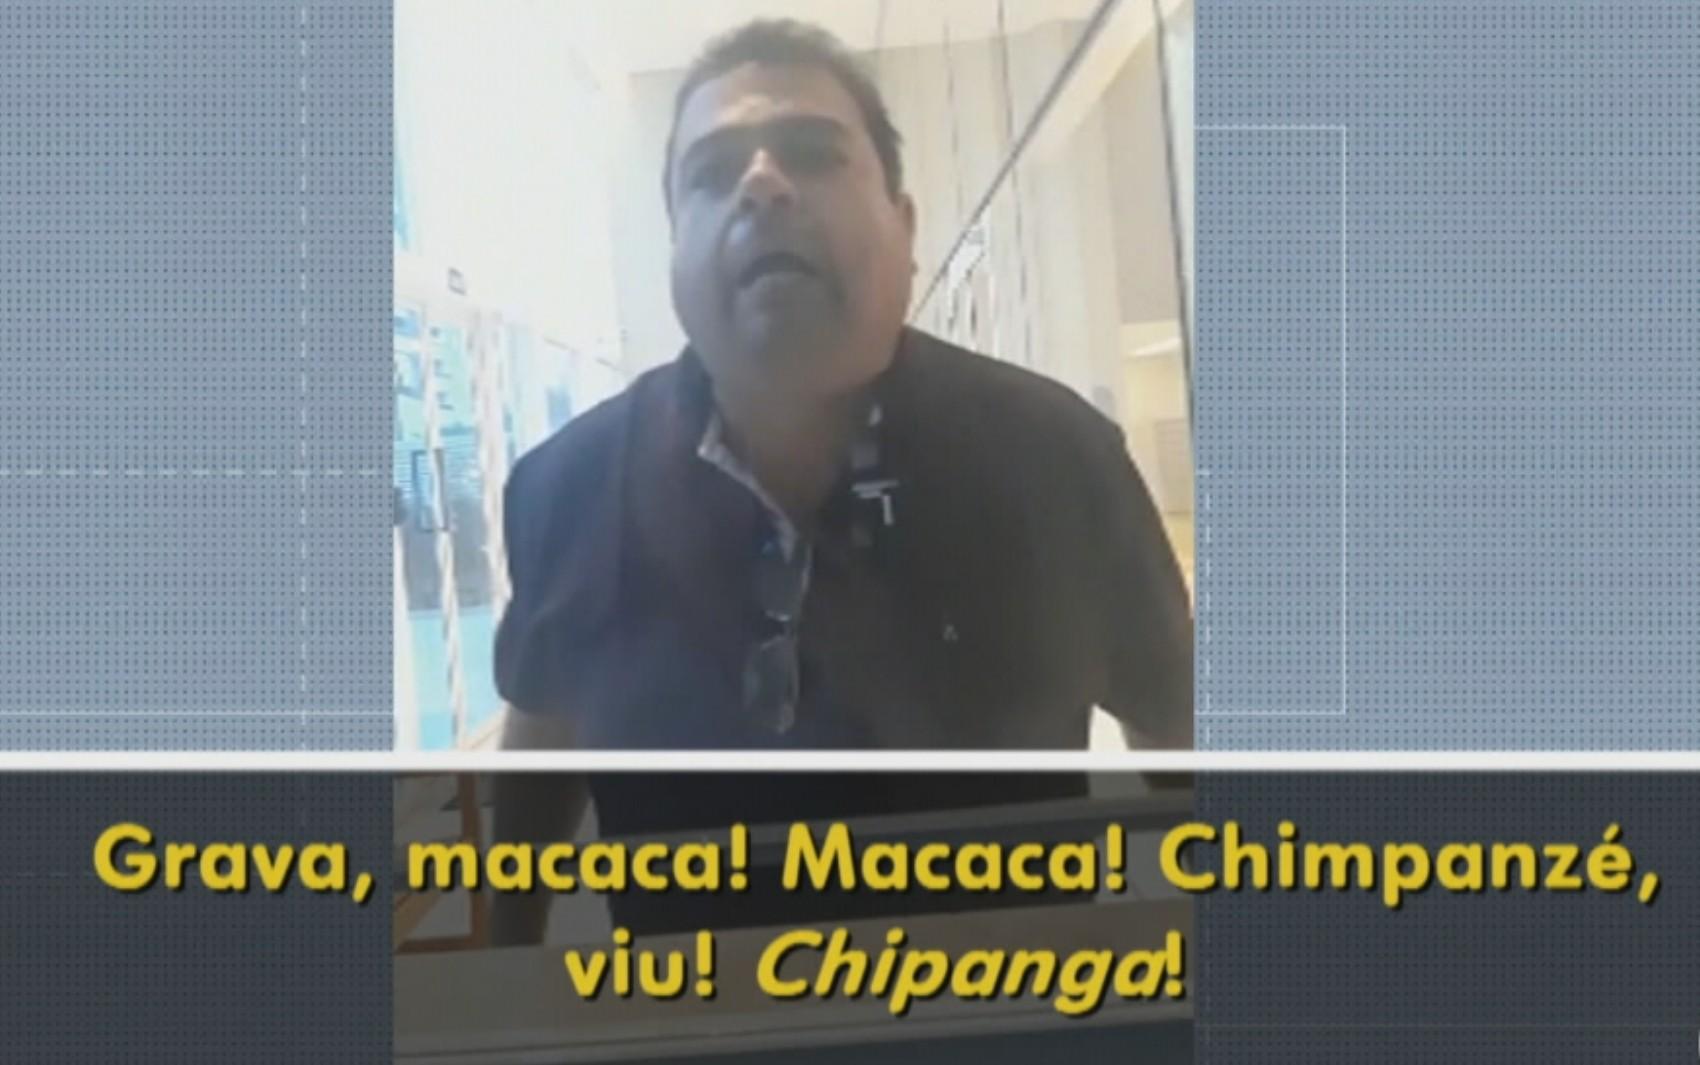 Morador é filmado ao ofender e ameaçar porteira em prédio de Goiânia: 'Chipanzé, você não presta'